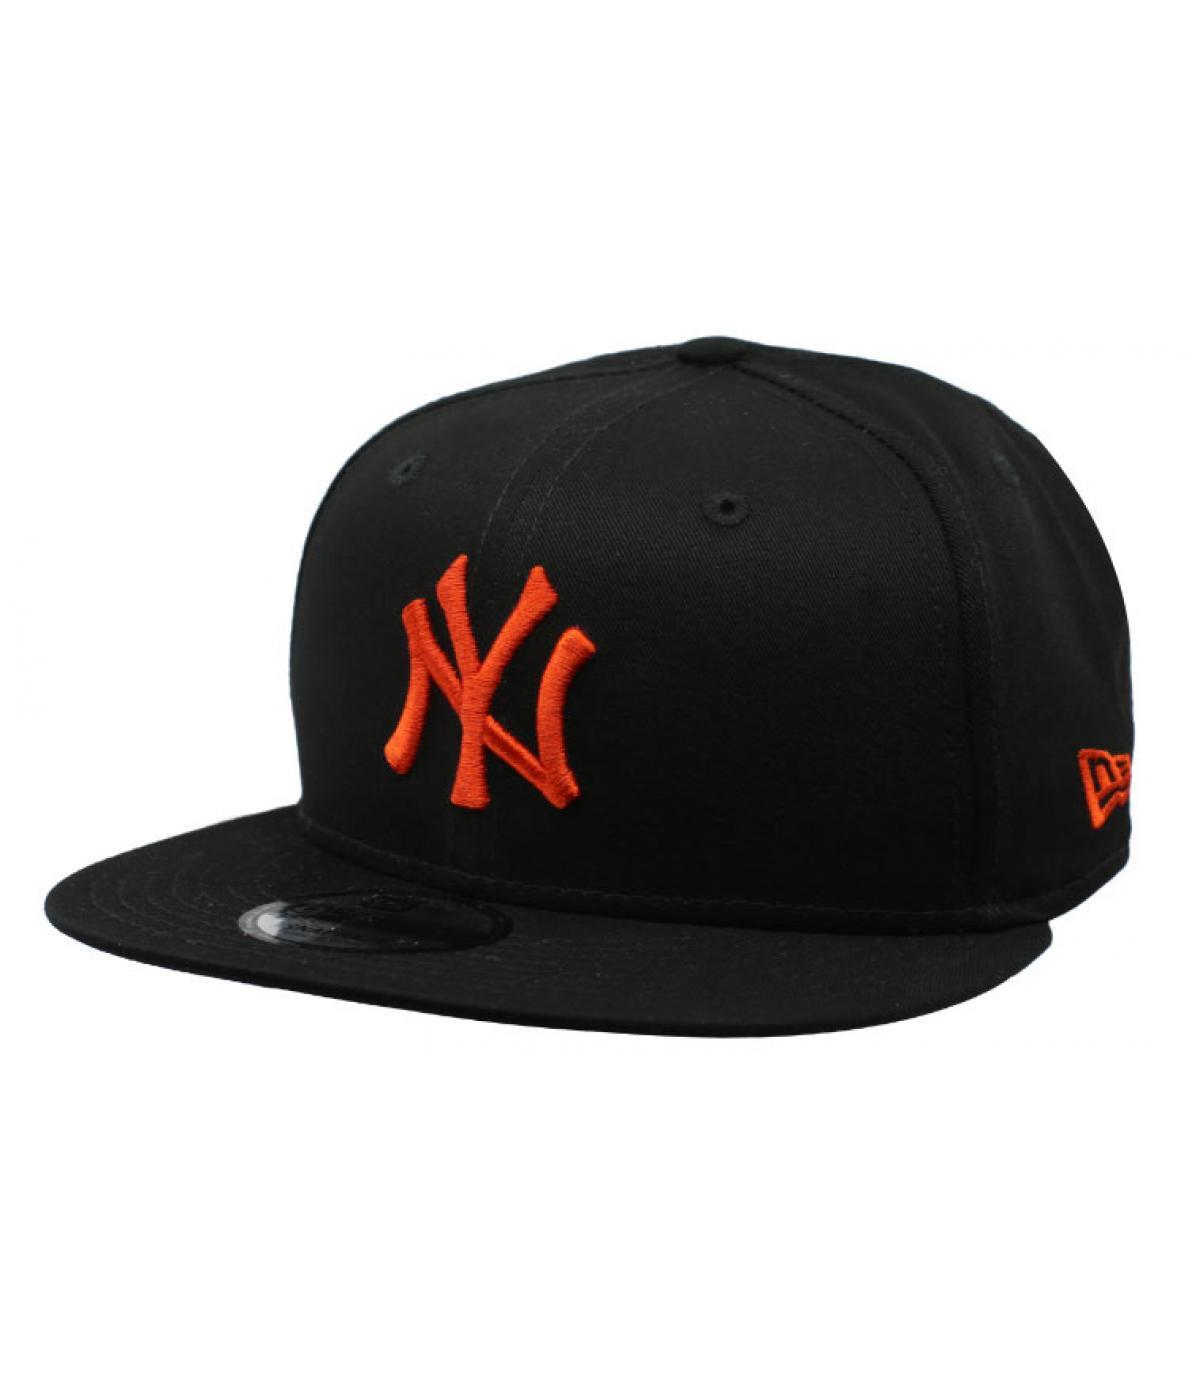 New Era. gorra snapback NY negro rojo. Detalles League Ess NY 9Fifty black  orange imagen 5  Detalles League Ess NY 9Fifty black orange imagen 1 ... e70d2a7ac70